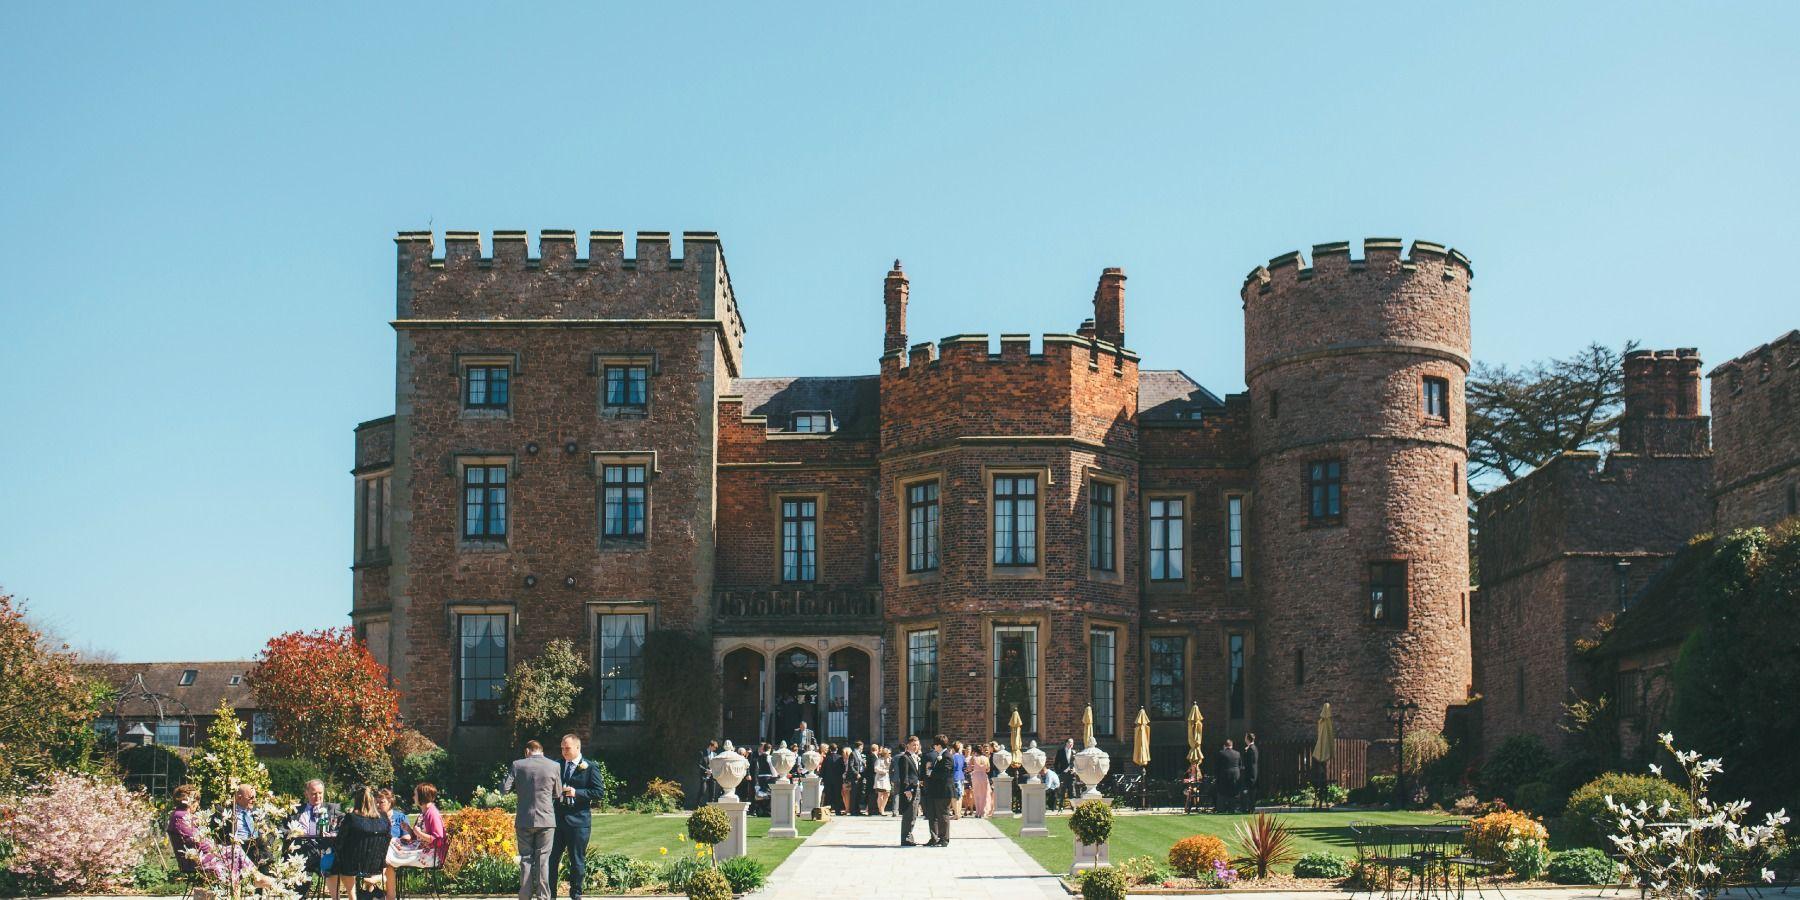 Rowton Castle Wedding venues uk, Castle wedding venue